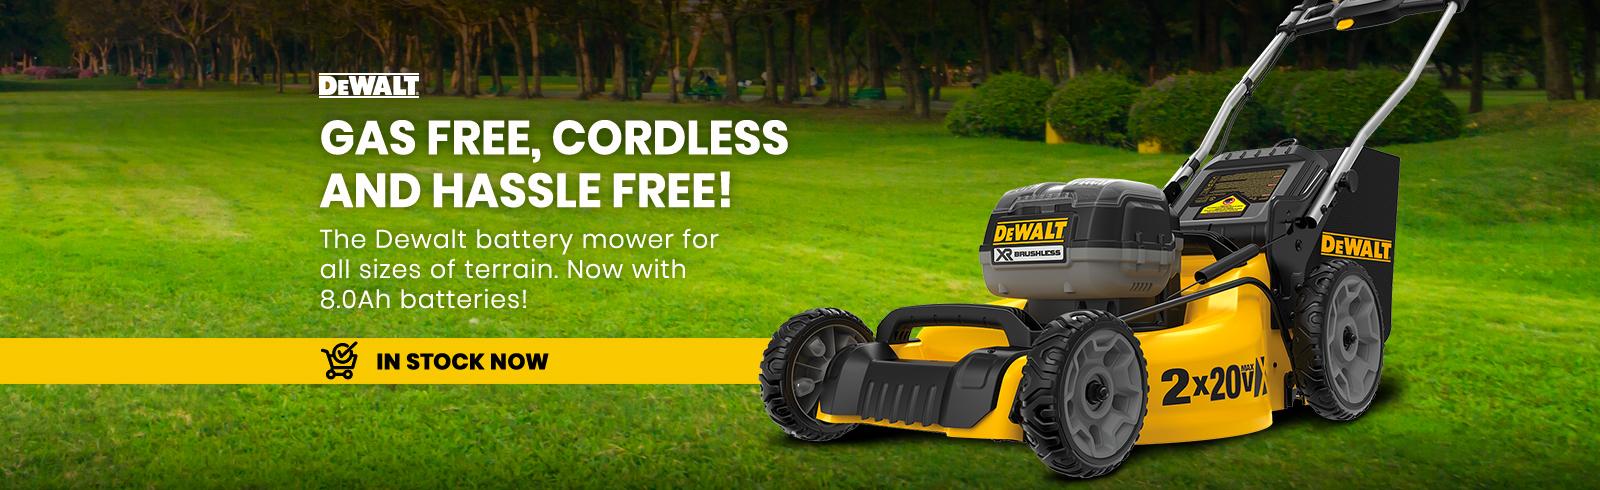 Dewalt cordless mower